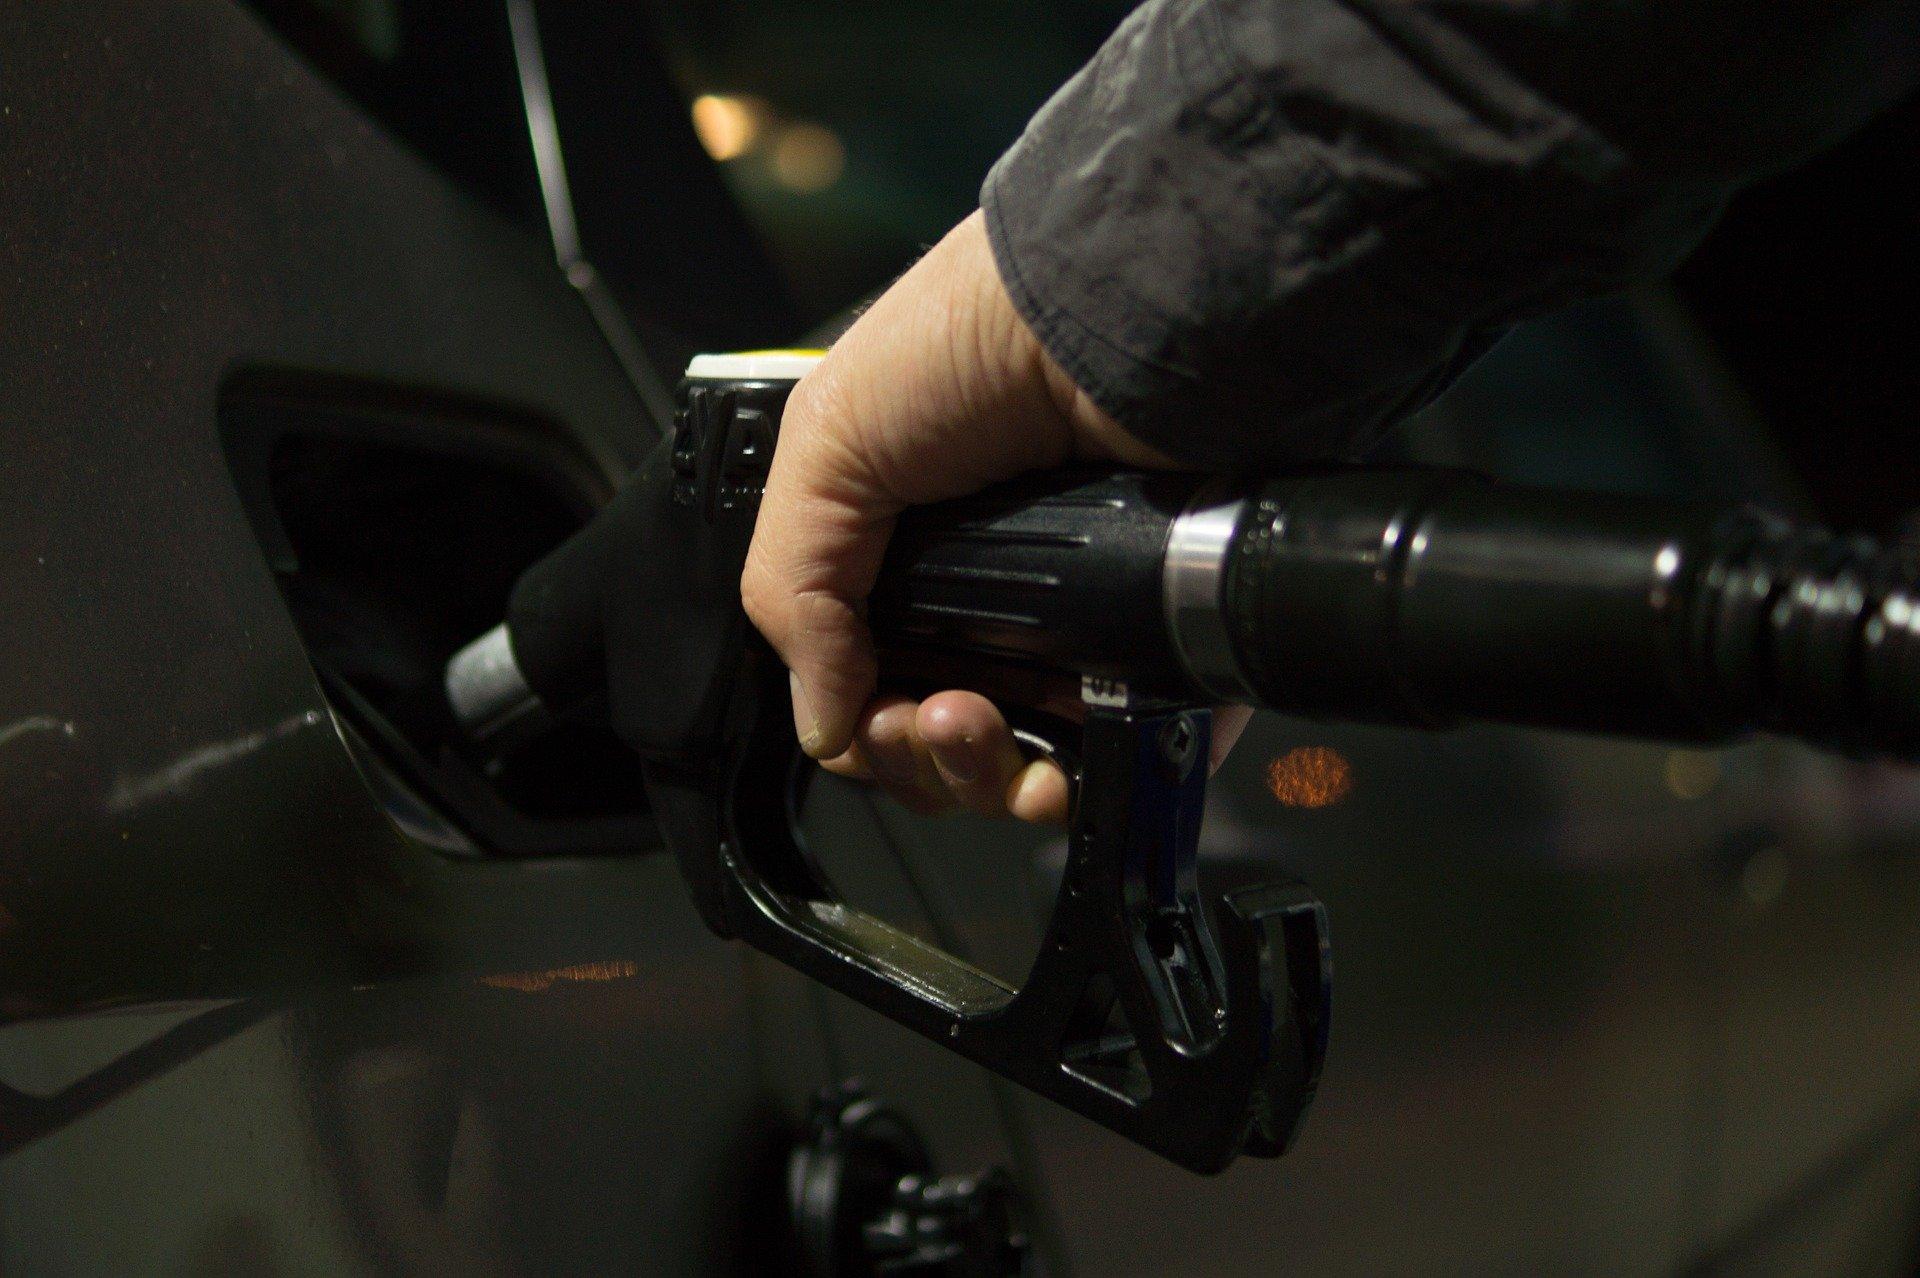 Empresas de combustibles llaman a tomar medidas justas para asegurar sostenibilidad del sector